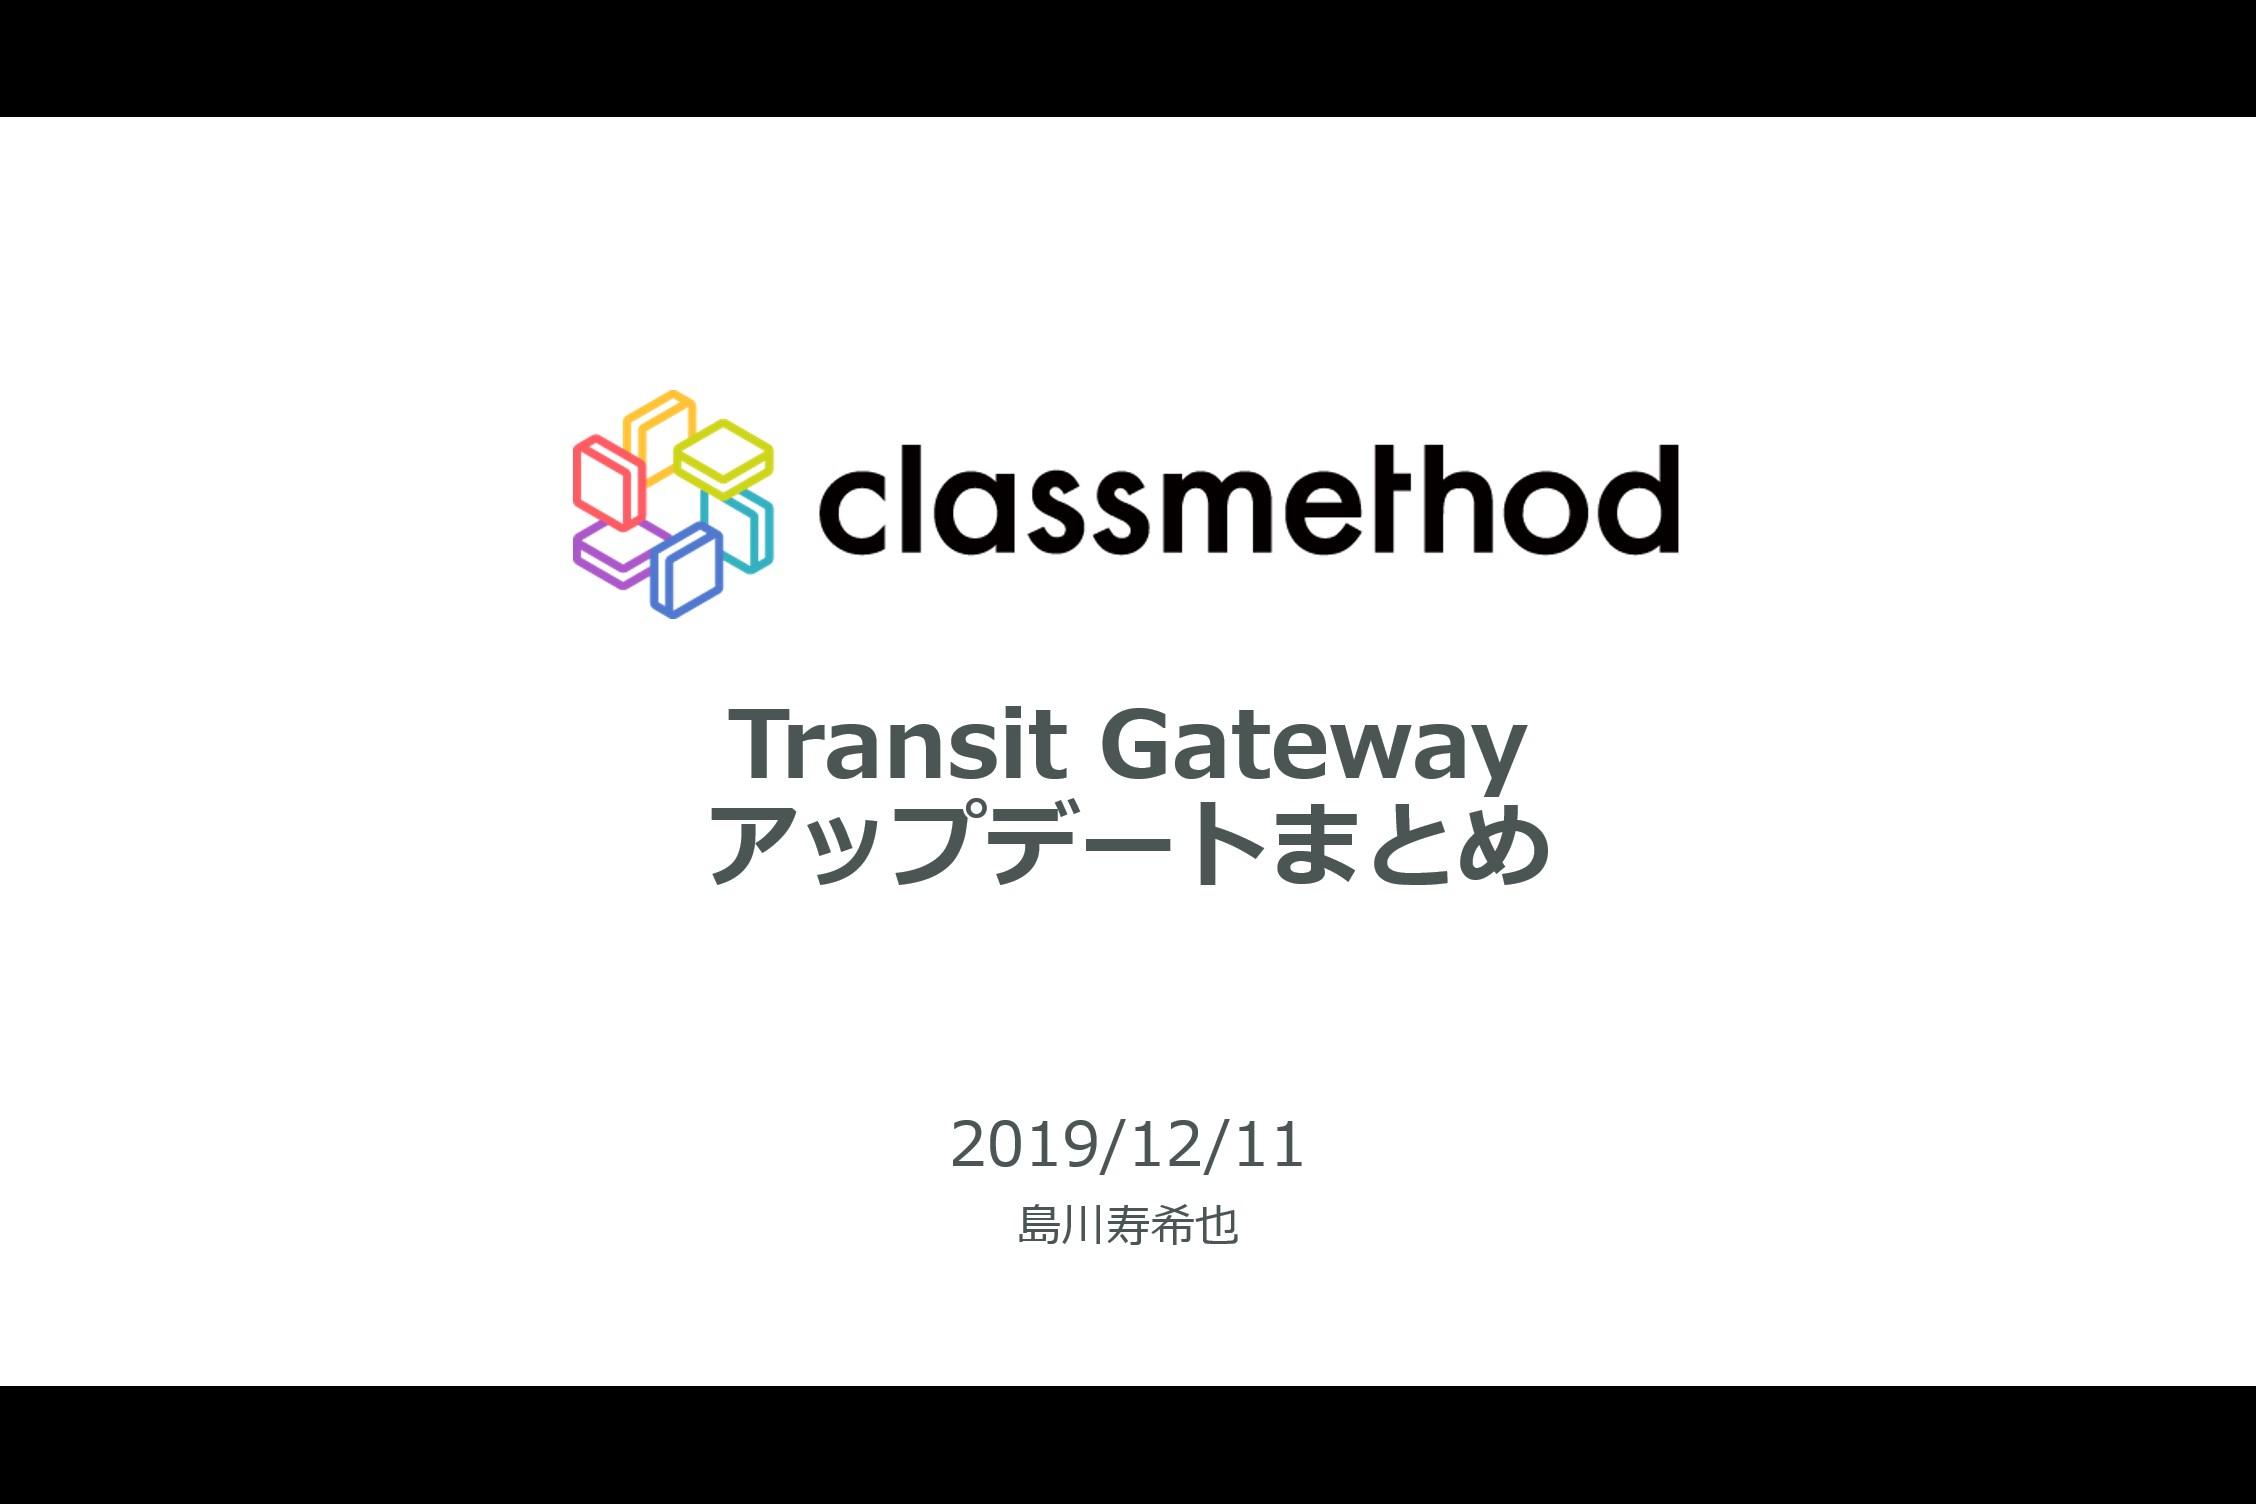 [資料公開]re:Growth 2019 TokyoでTransit Gatewayのアップデートまとめ」発表してきました #reinvent #cmregrowth